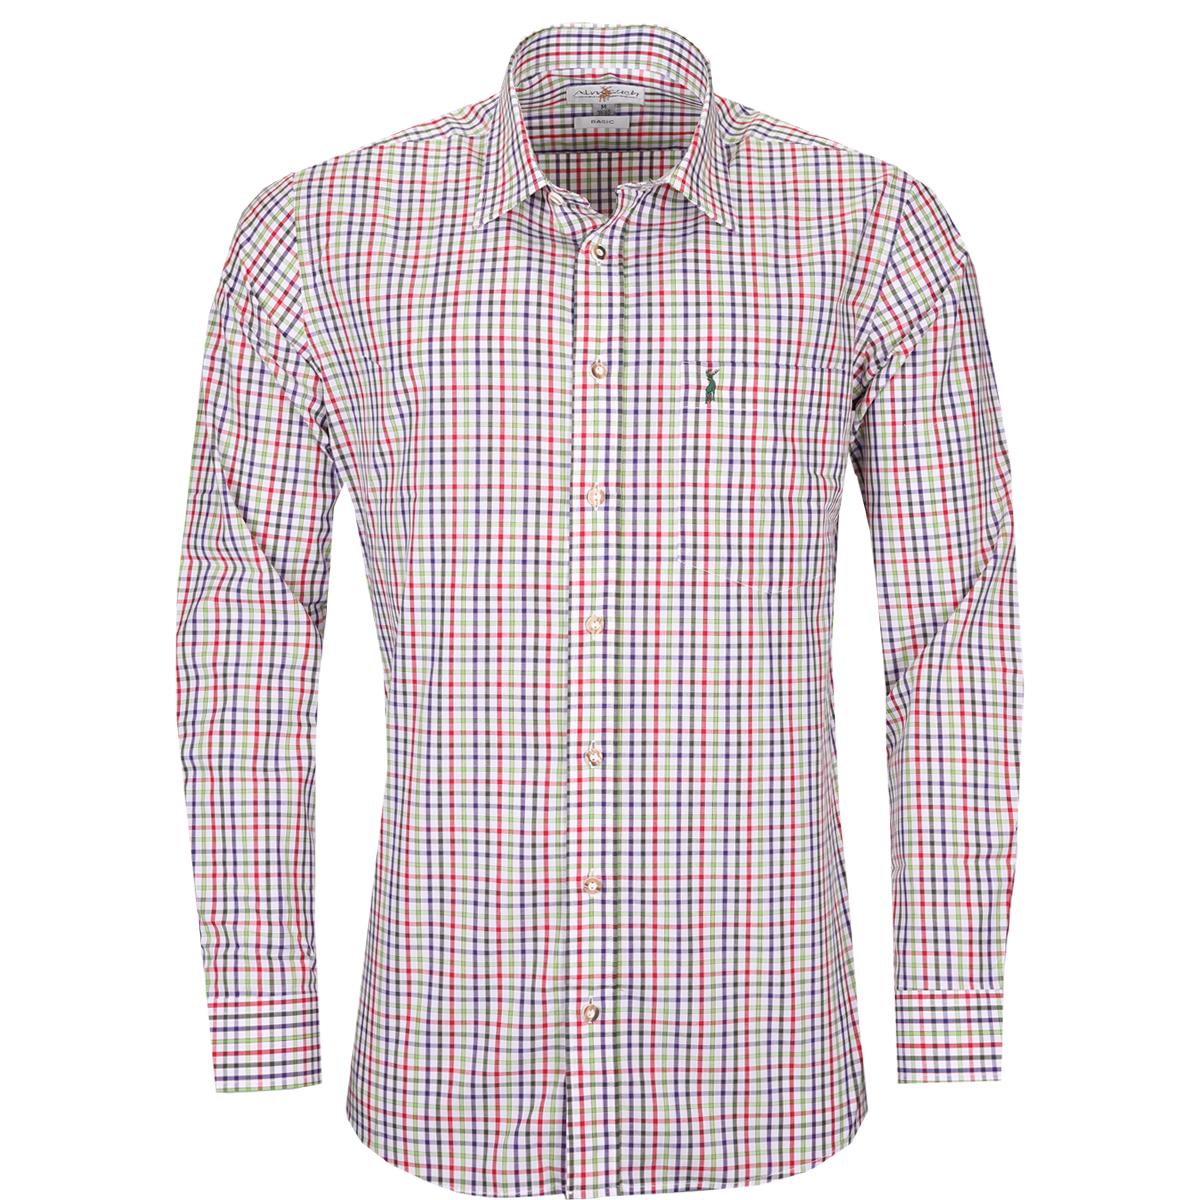 Trachtenhemd Mario Regular Fit mehrfarbig in Dunkelgrün, Rot und Hellgrün von Almsach günstig online kaufen